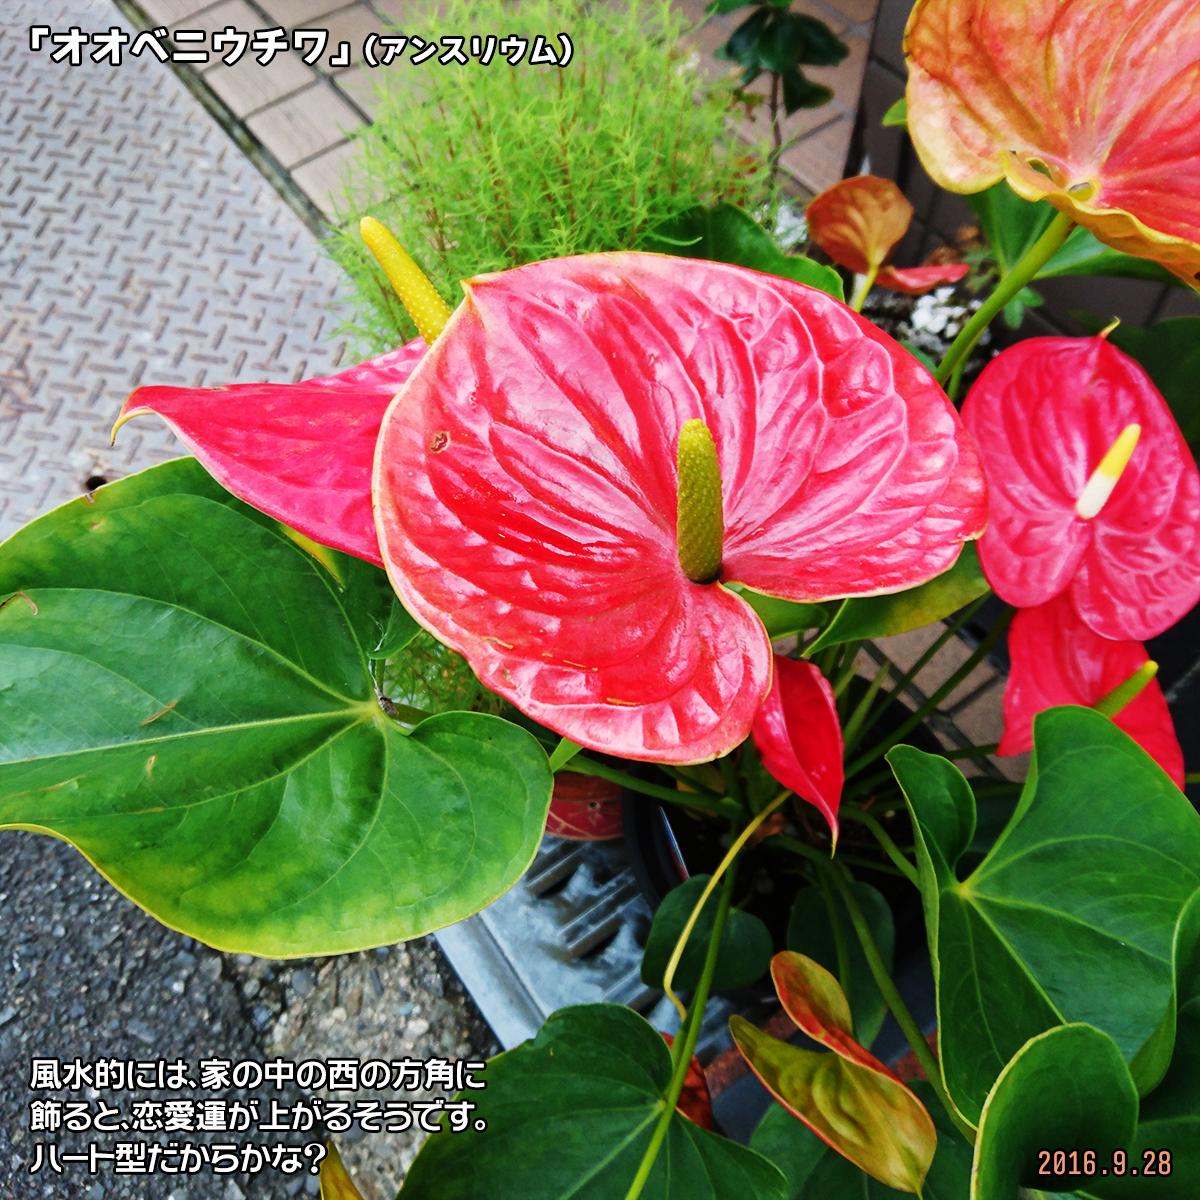 DSC_0032_2_20180310201326dc7.jpg